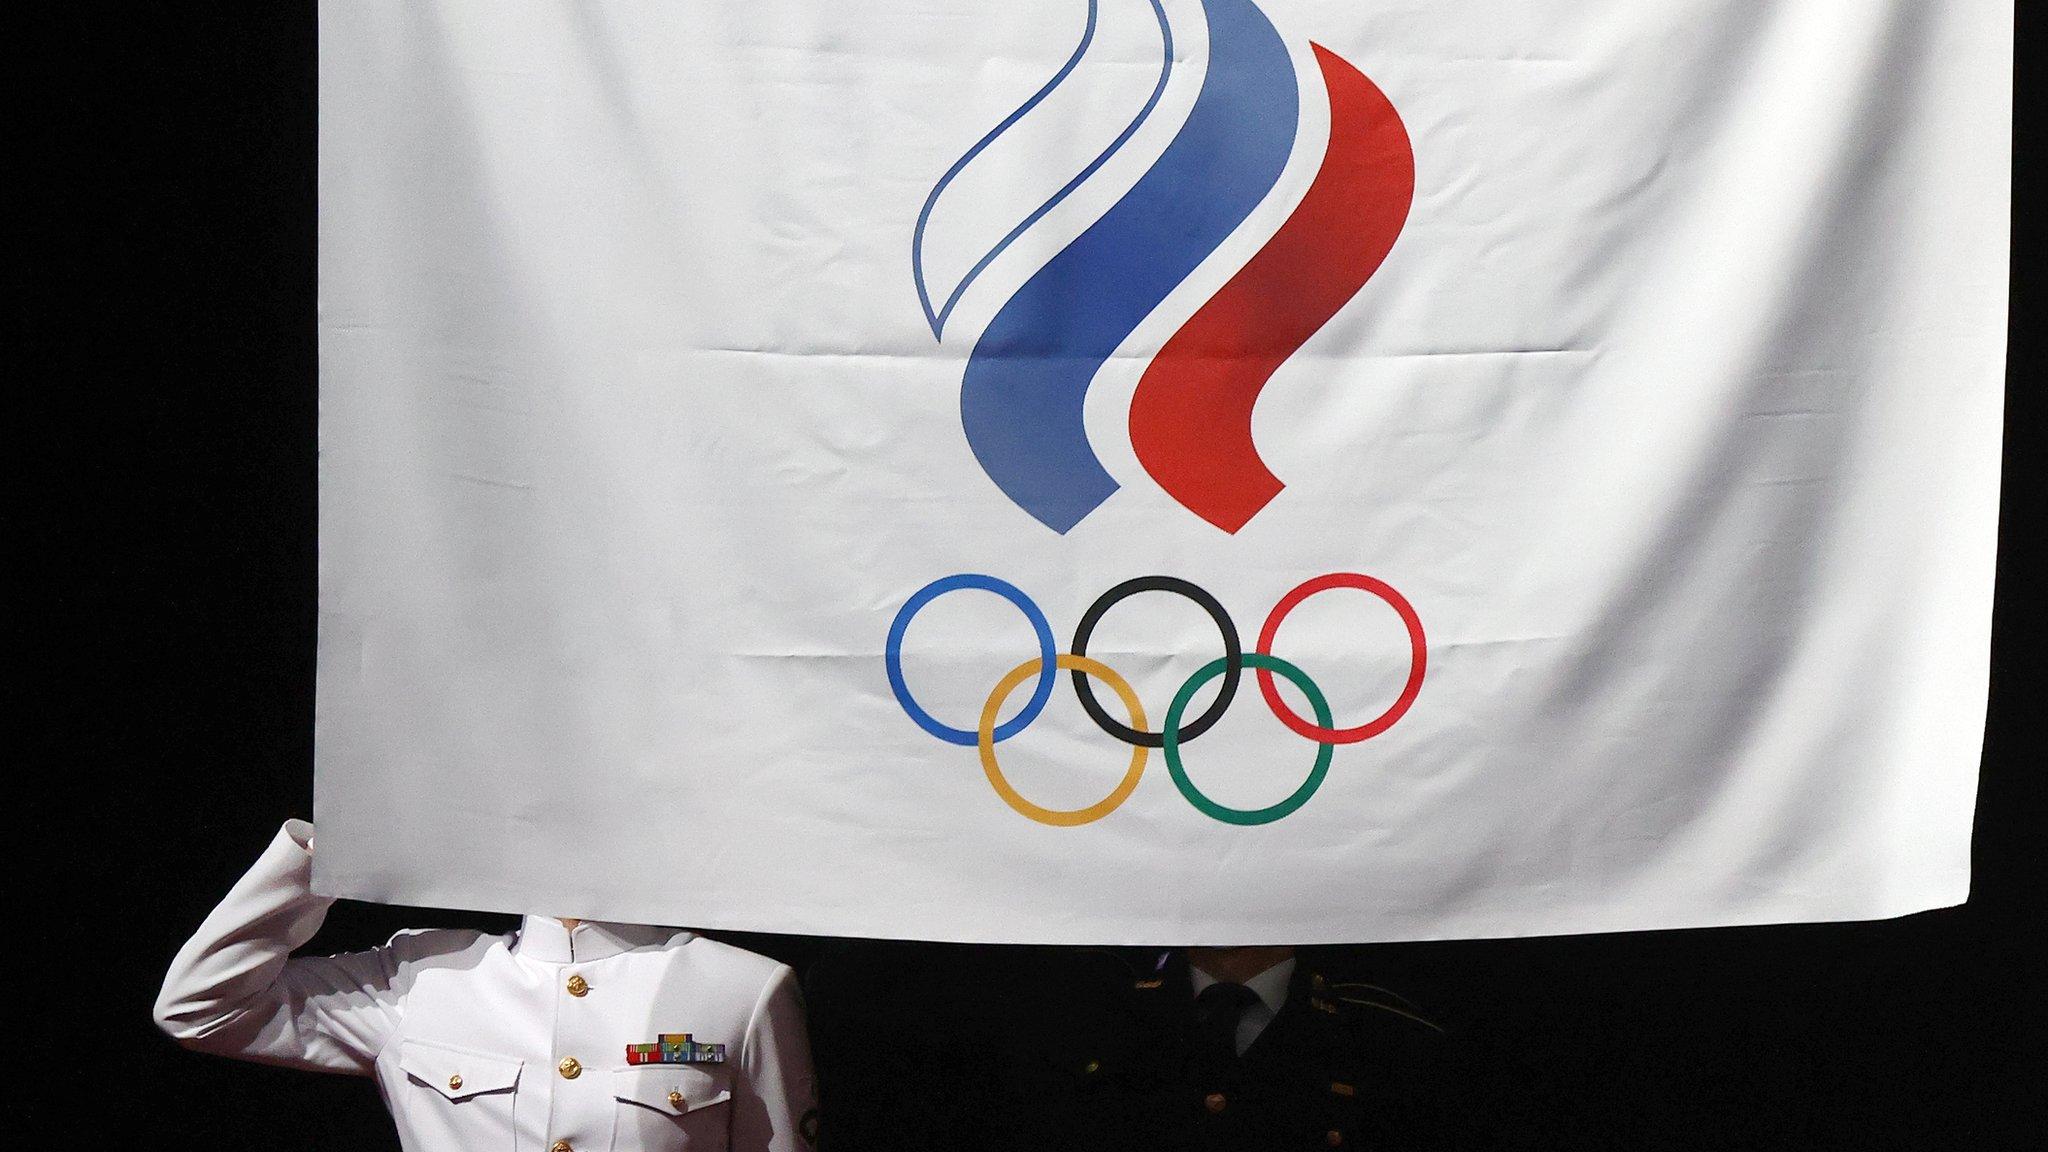 Антидопинговое агентство США потребовало обнародовать итоги допинг-тестов российских олимпийцев